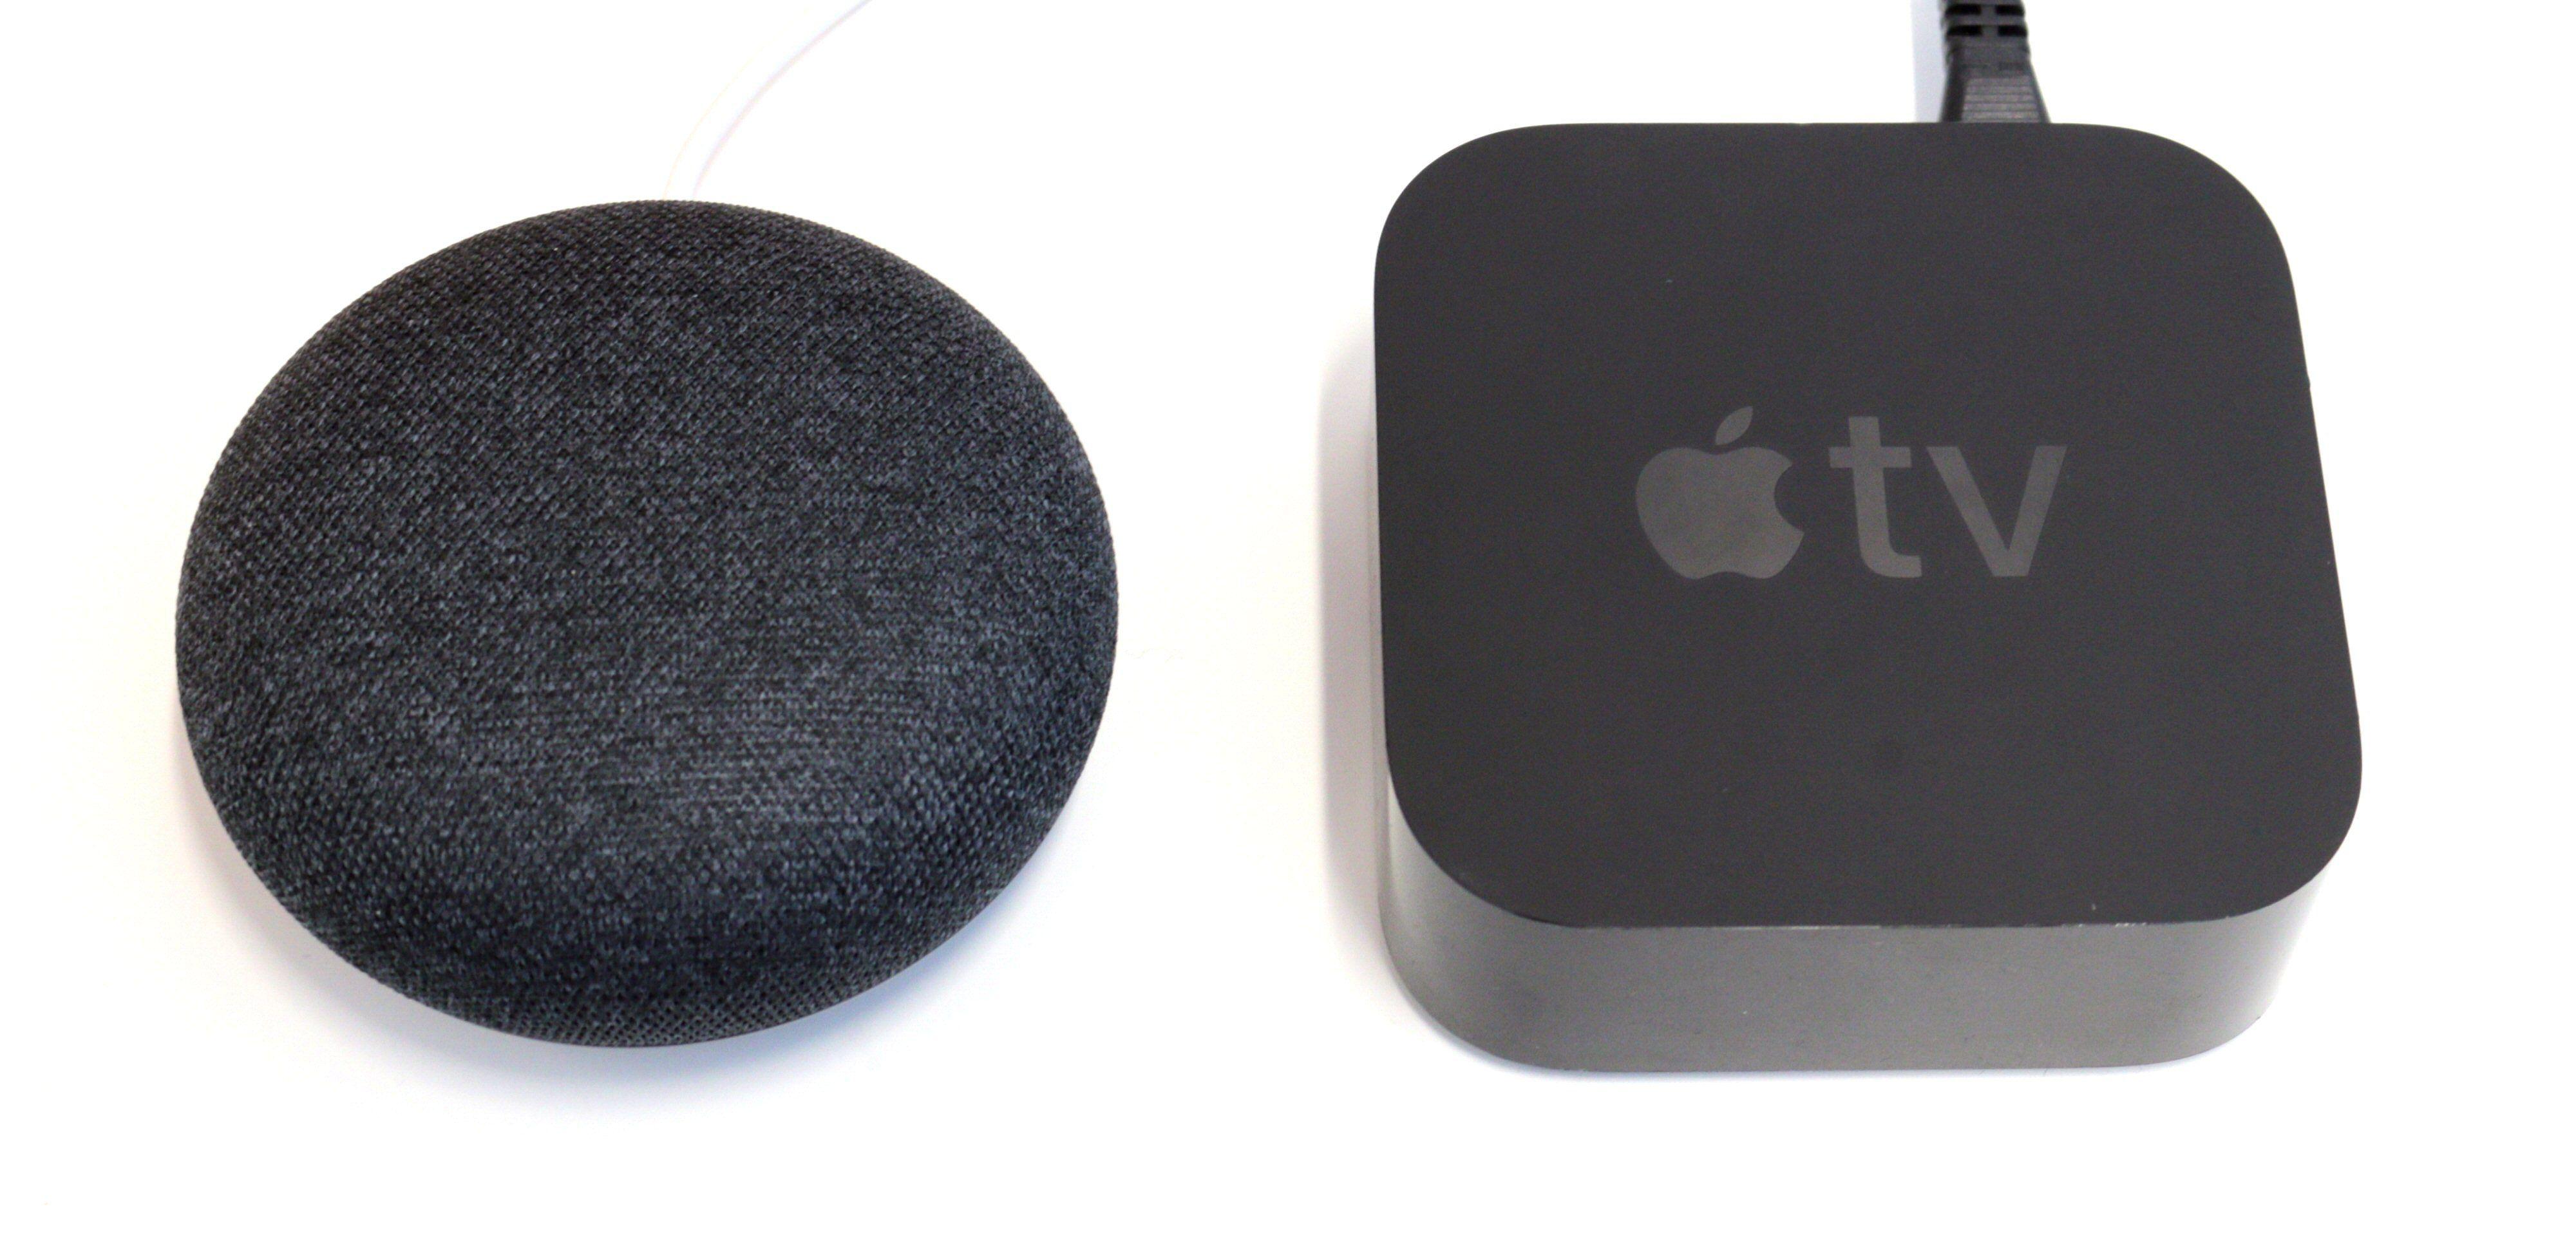 Både Google Home Mini og en Apple TV kan være et springbrett på vei til en «smartere» kåk.